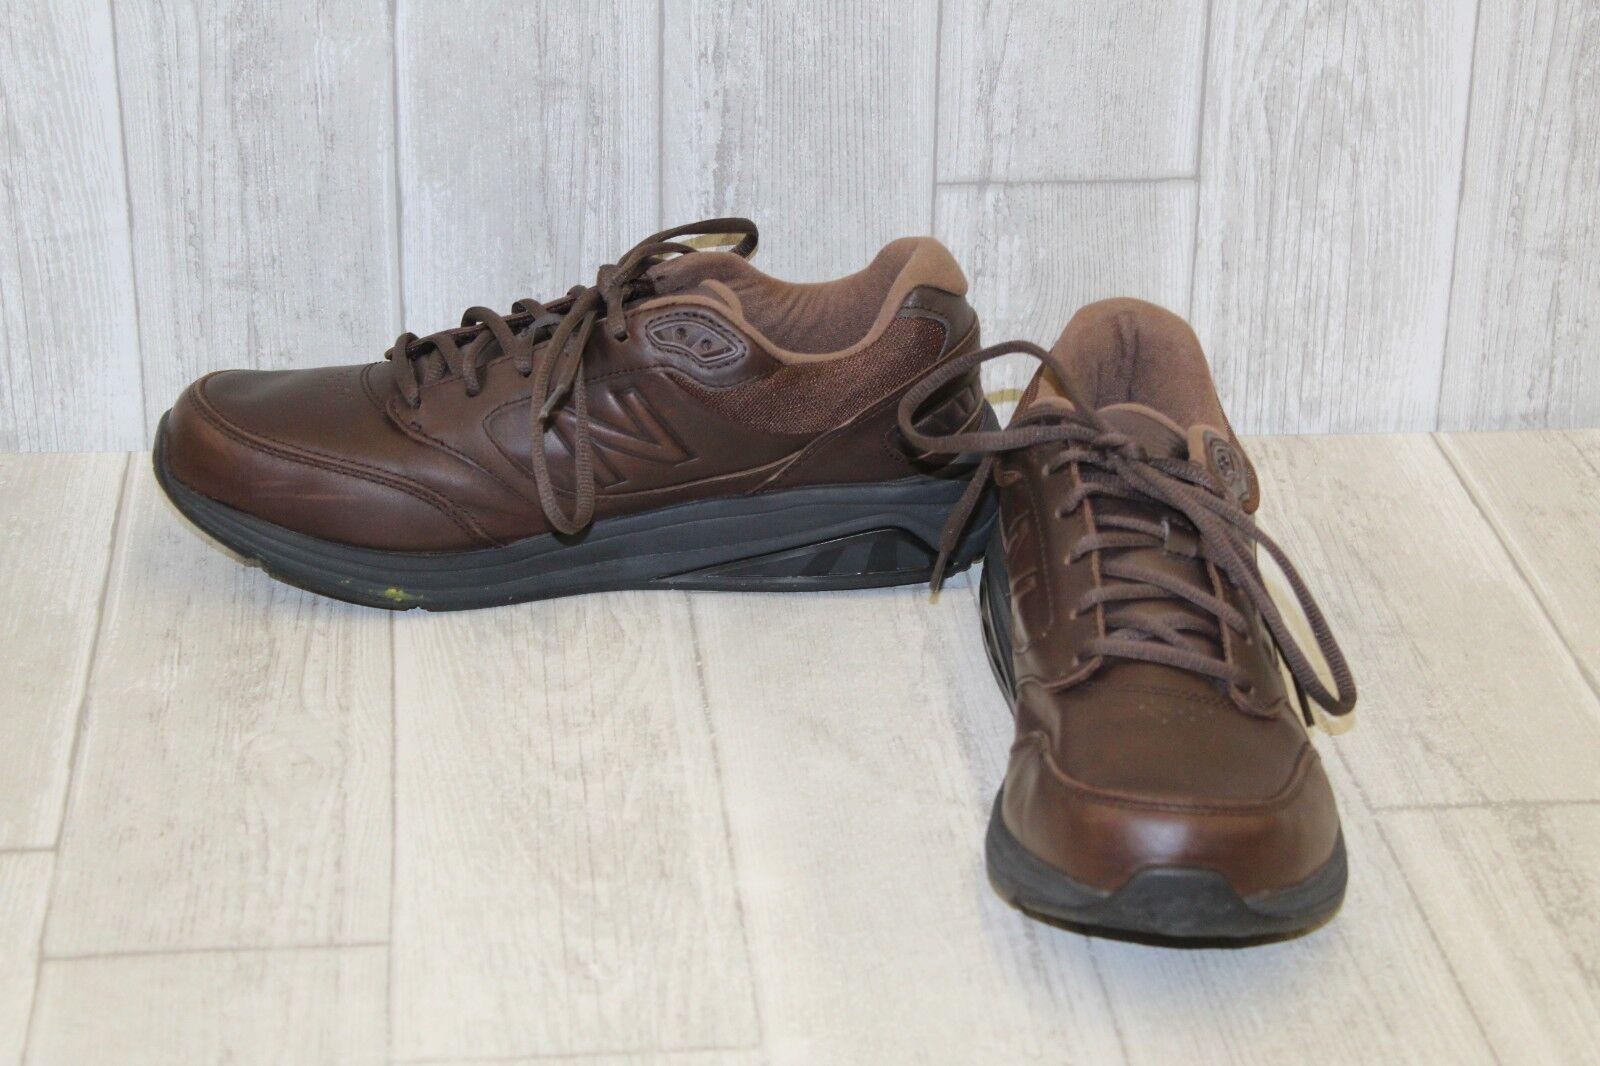 New Balance Balance Balance 928v1 scarpe da ginnastica - Uomo Dimensione 10.5 B, Marronee b95564